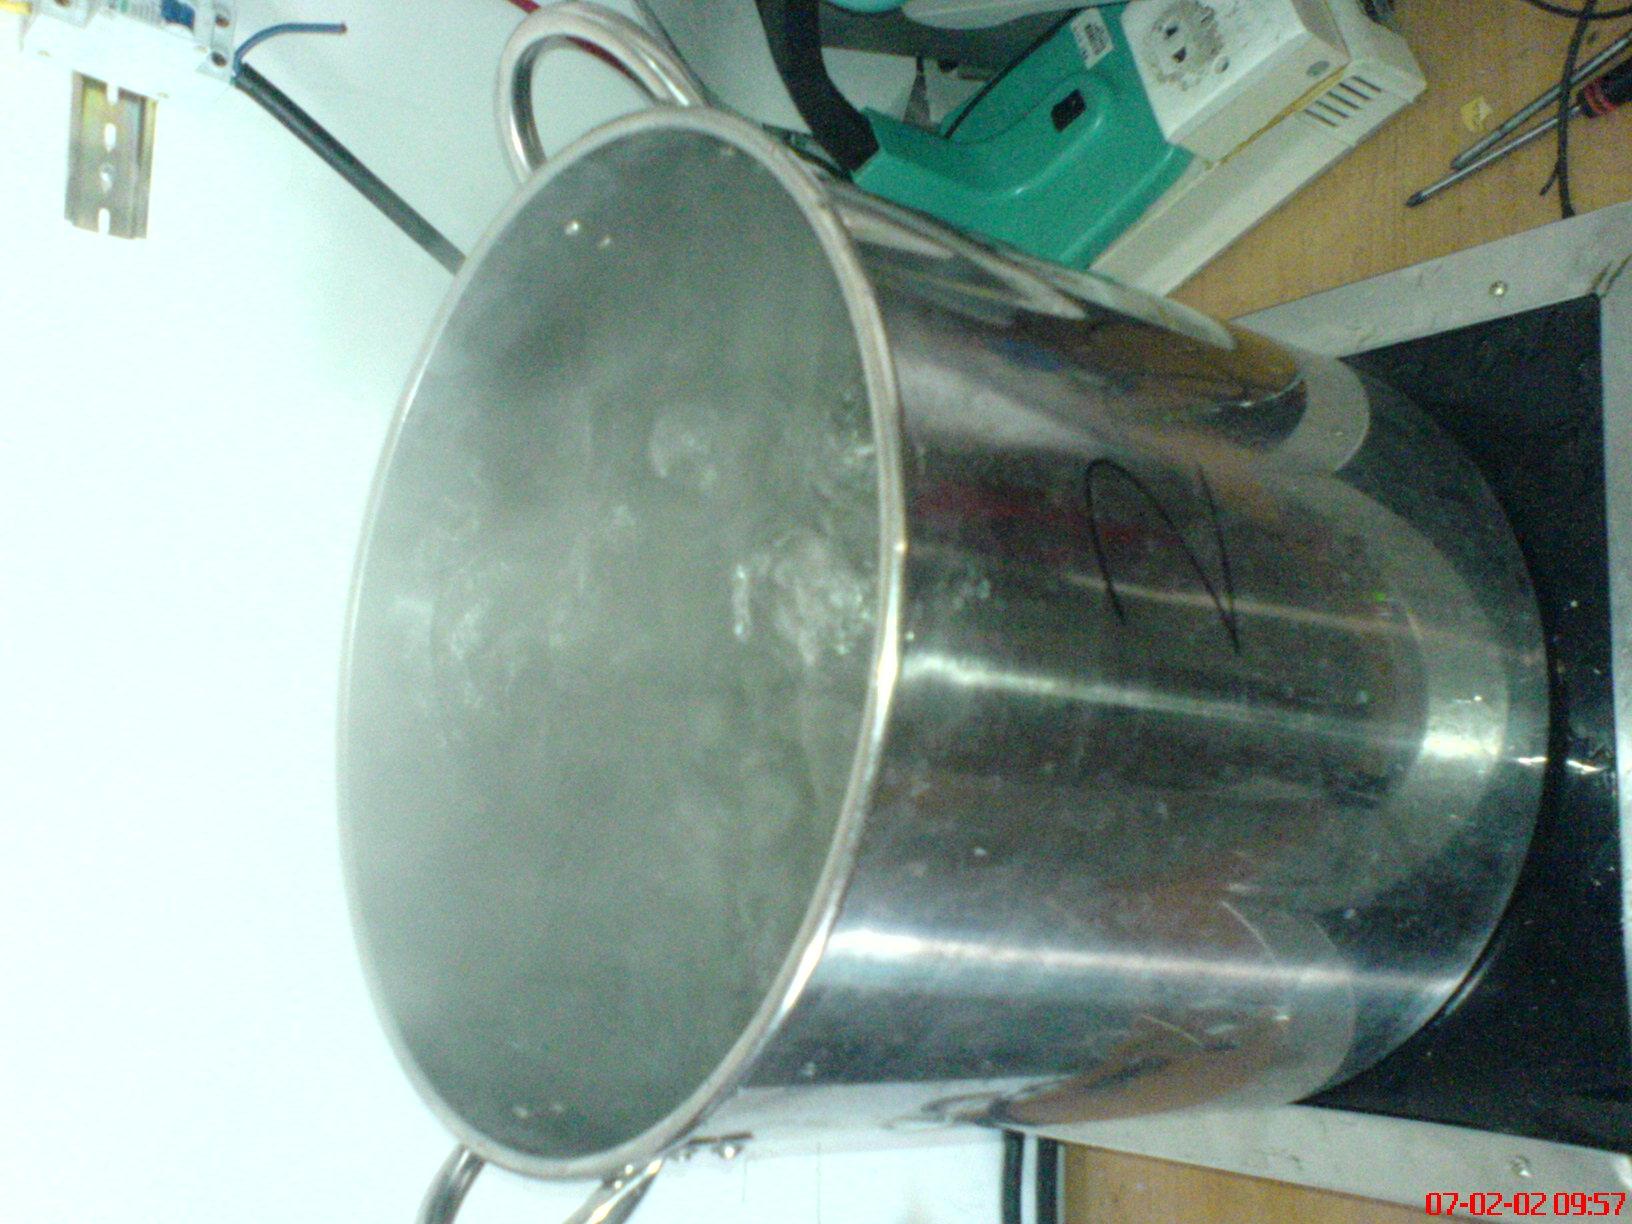 电磁热水器就是电磁炉加一个加热器(水桶)